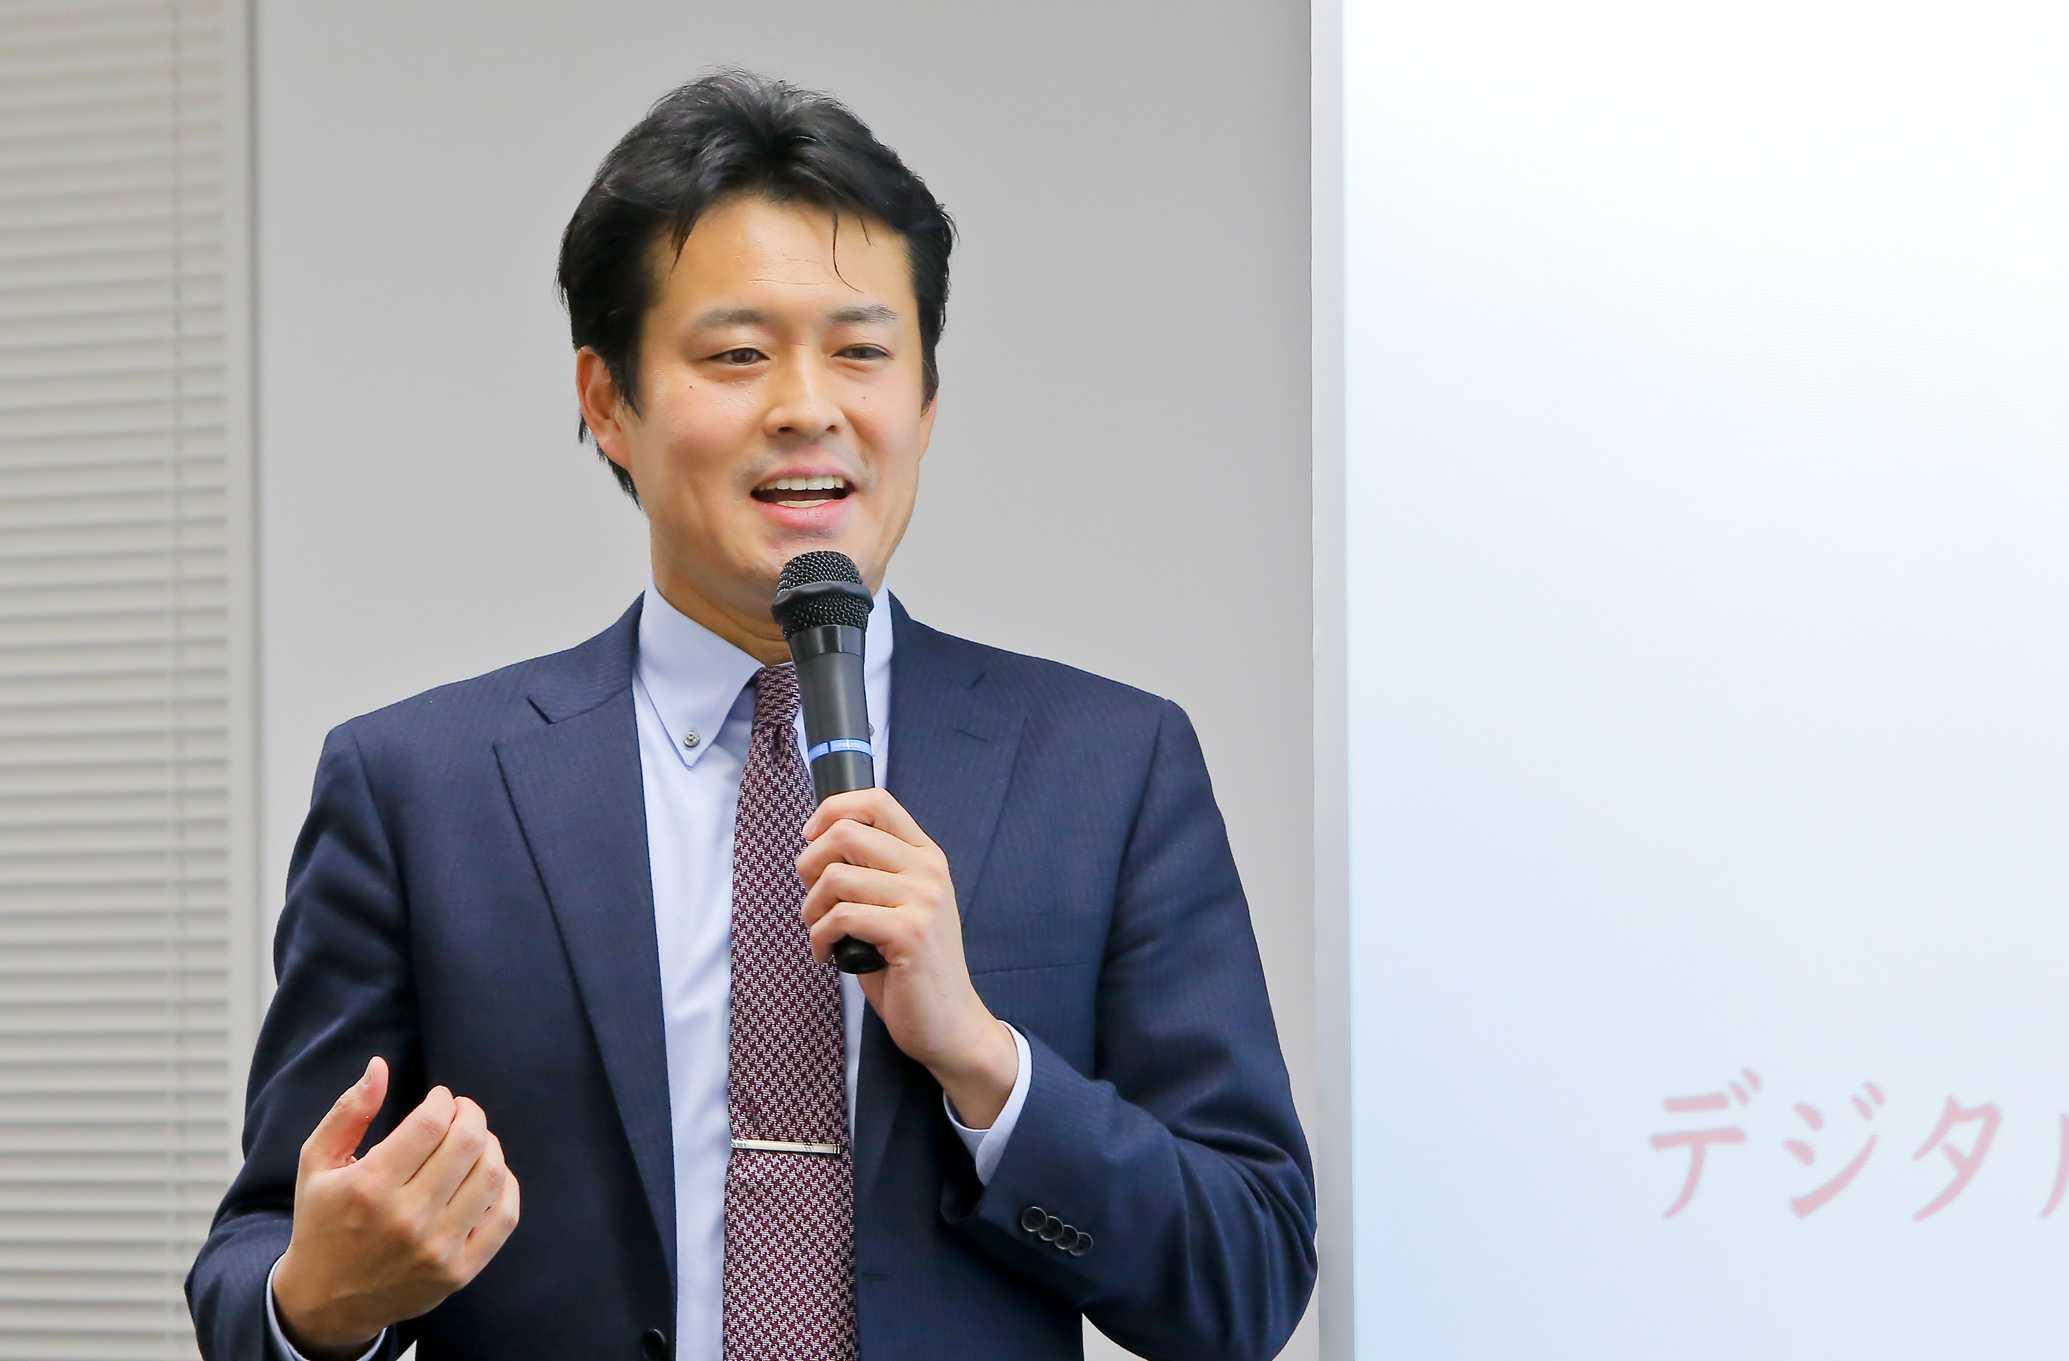 法政大学 キャリアデザイン学部 教授 田中研之輔氏photo